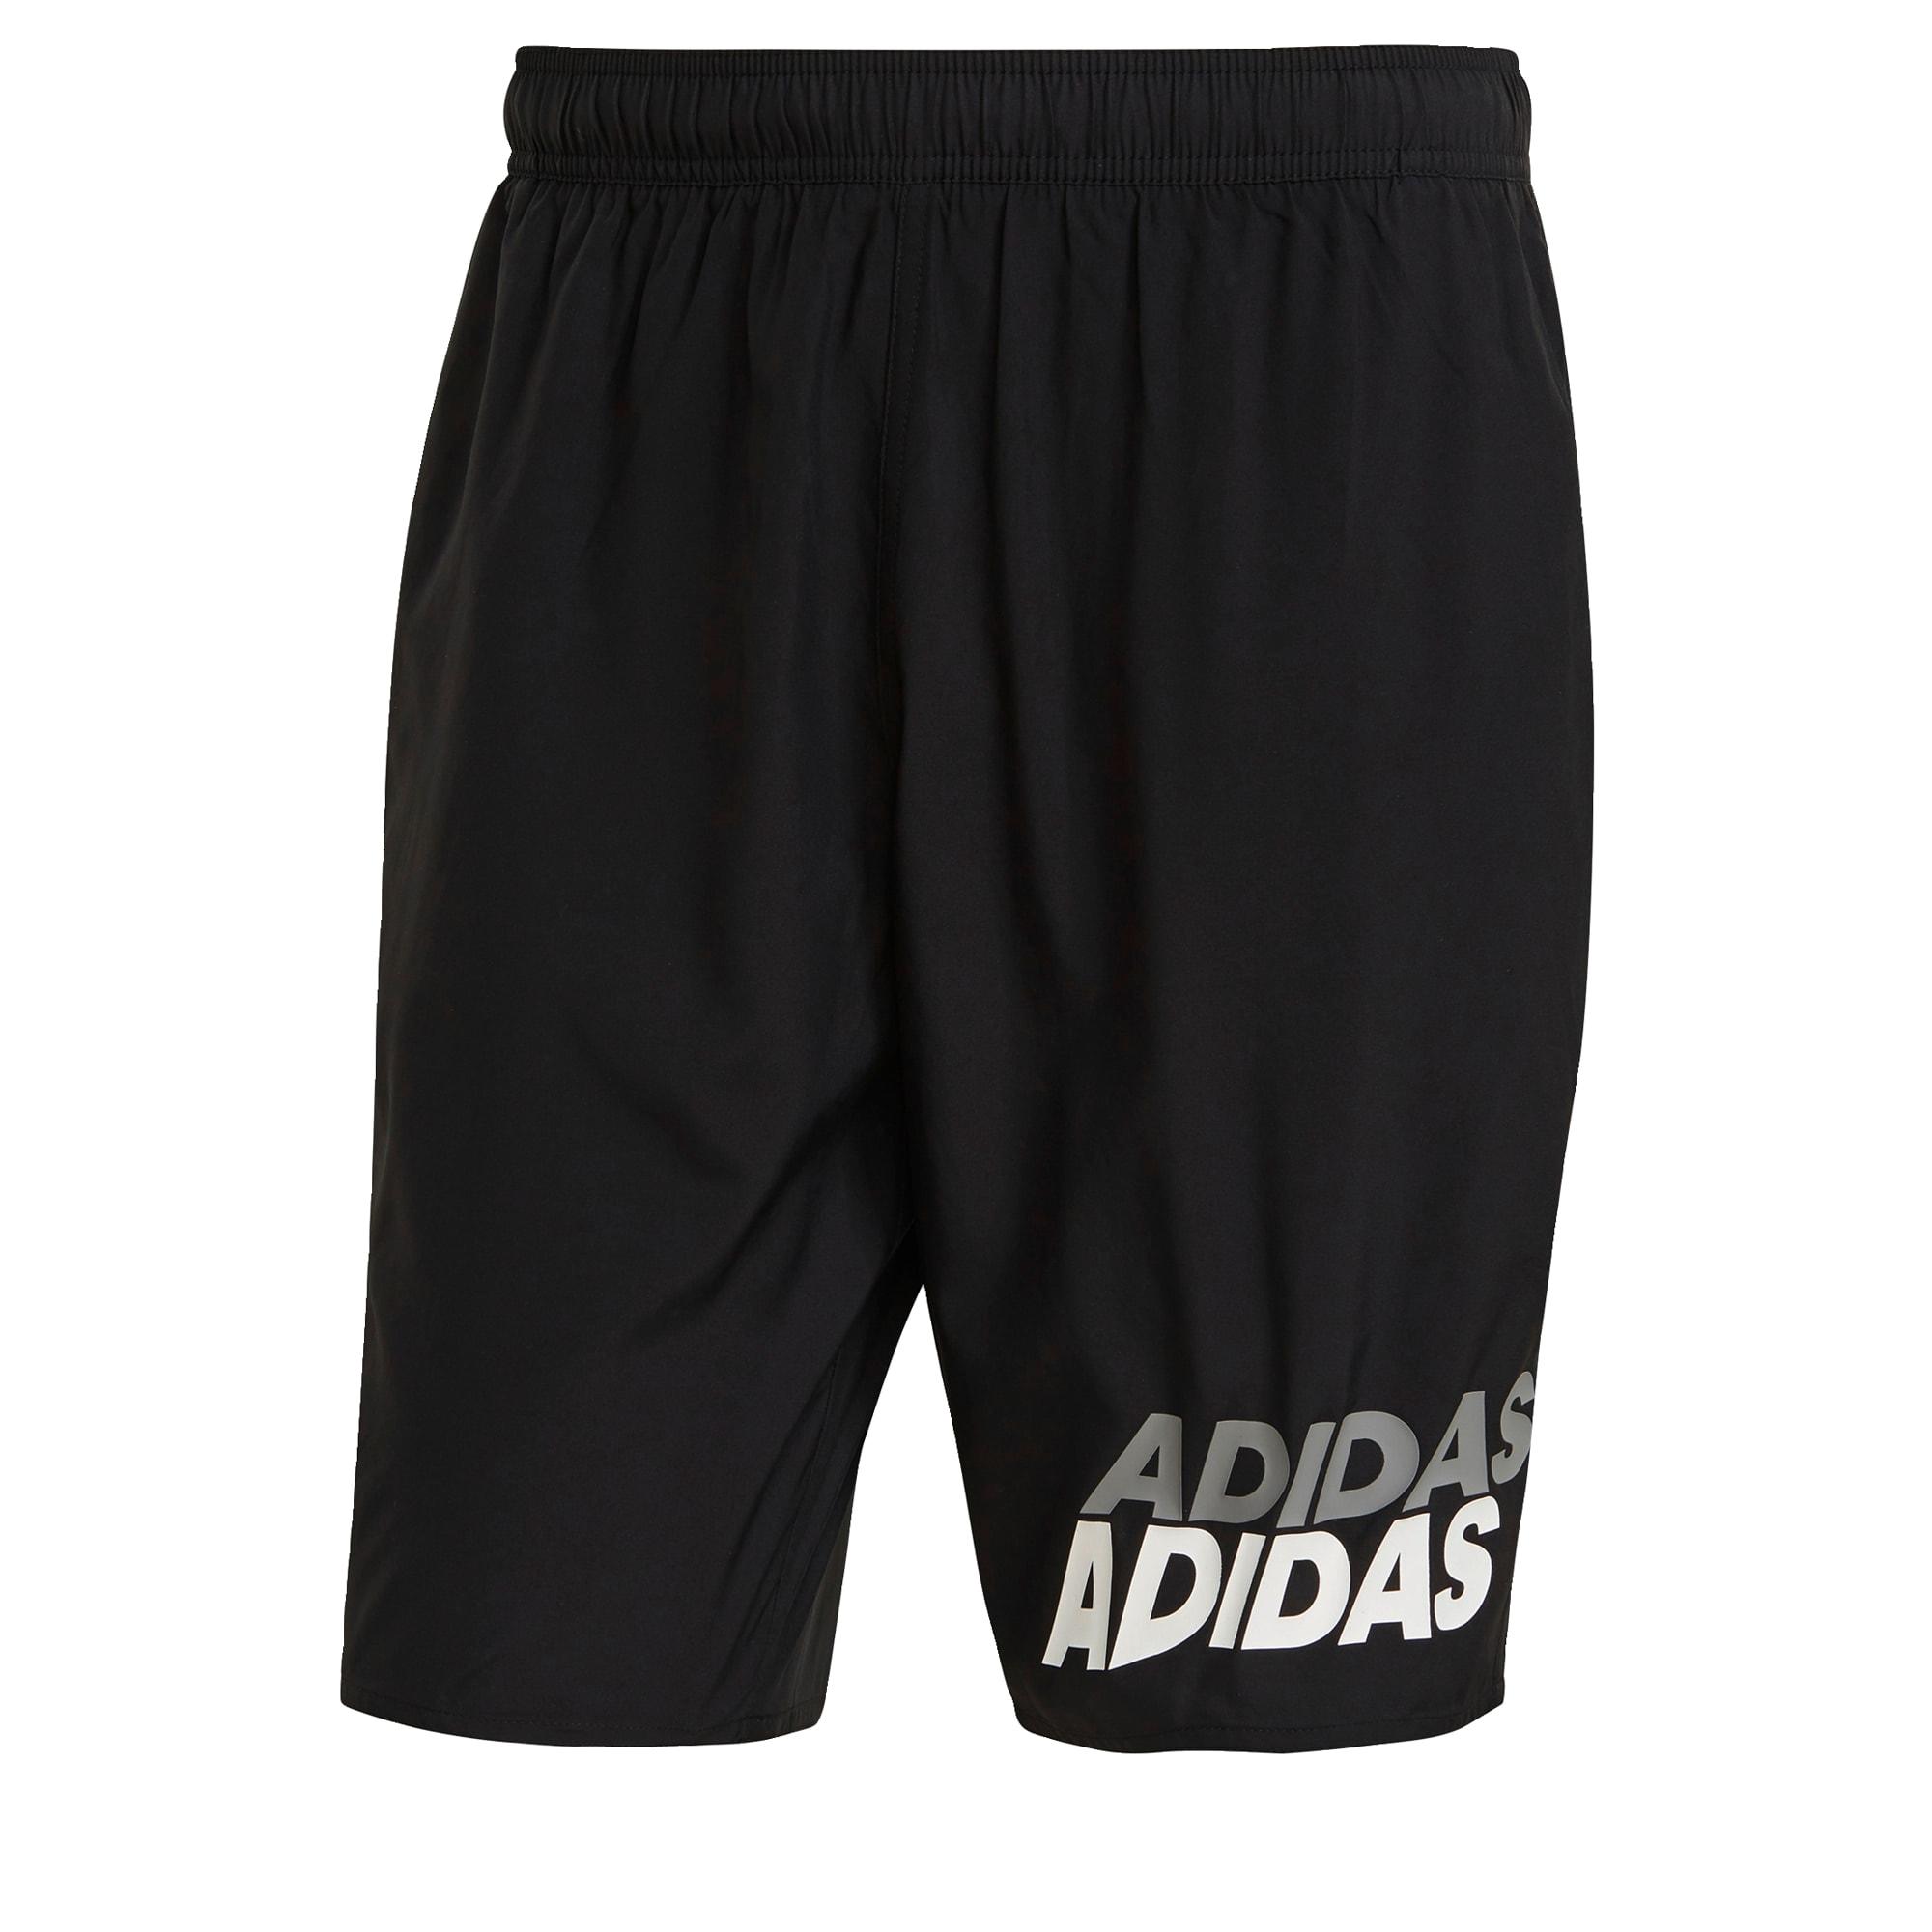 ADIDAS PERFORMANCE Sportinės glaudės juoda / pilka / balta